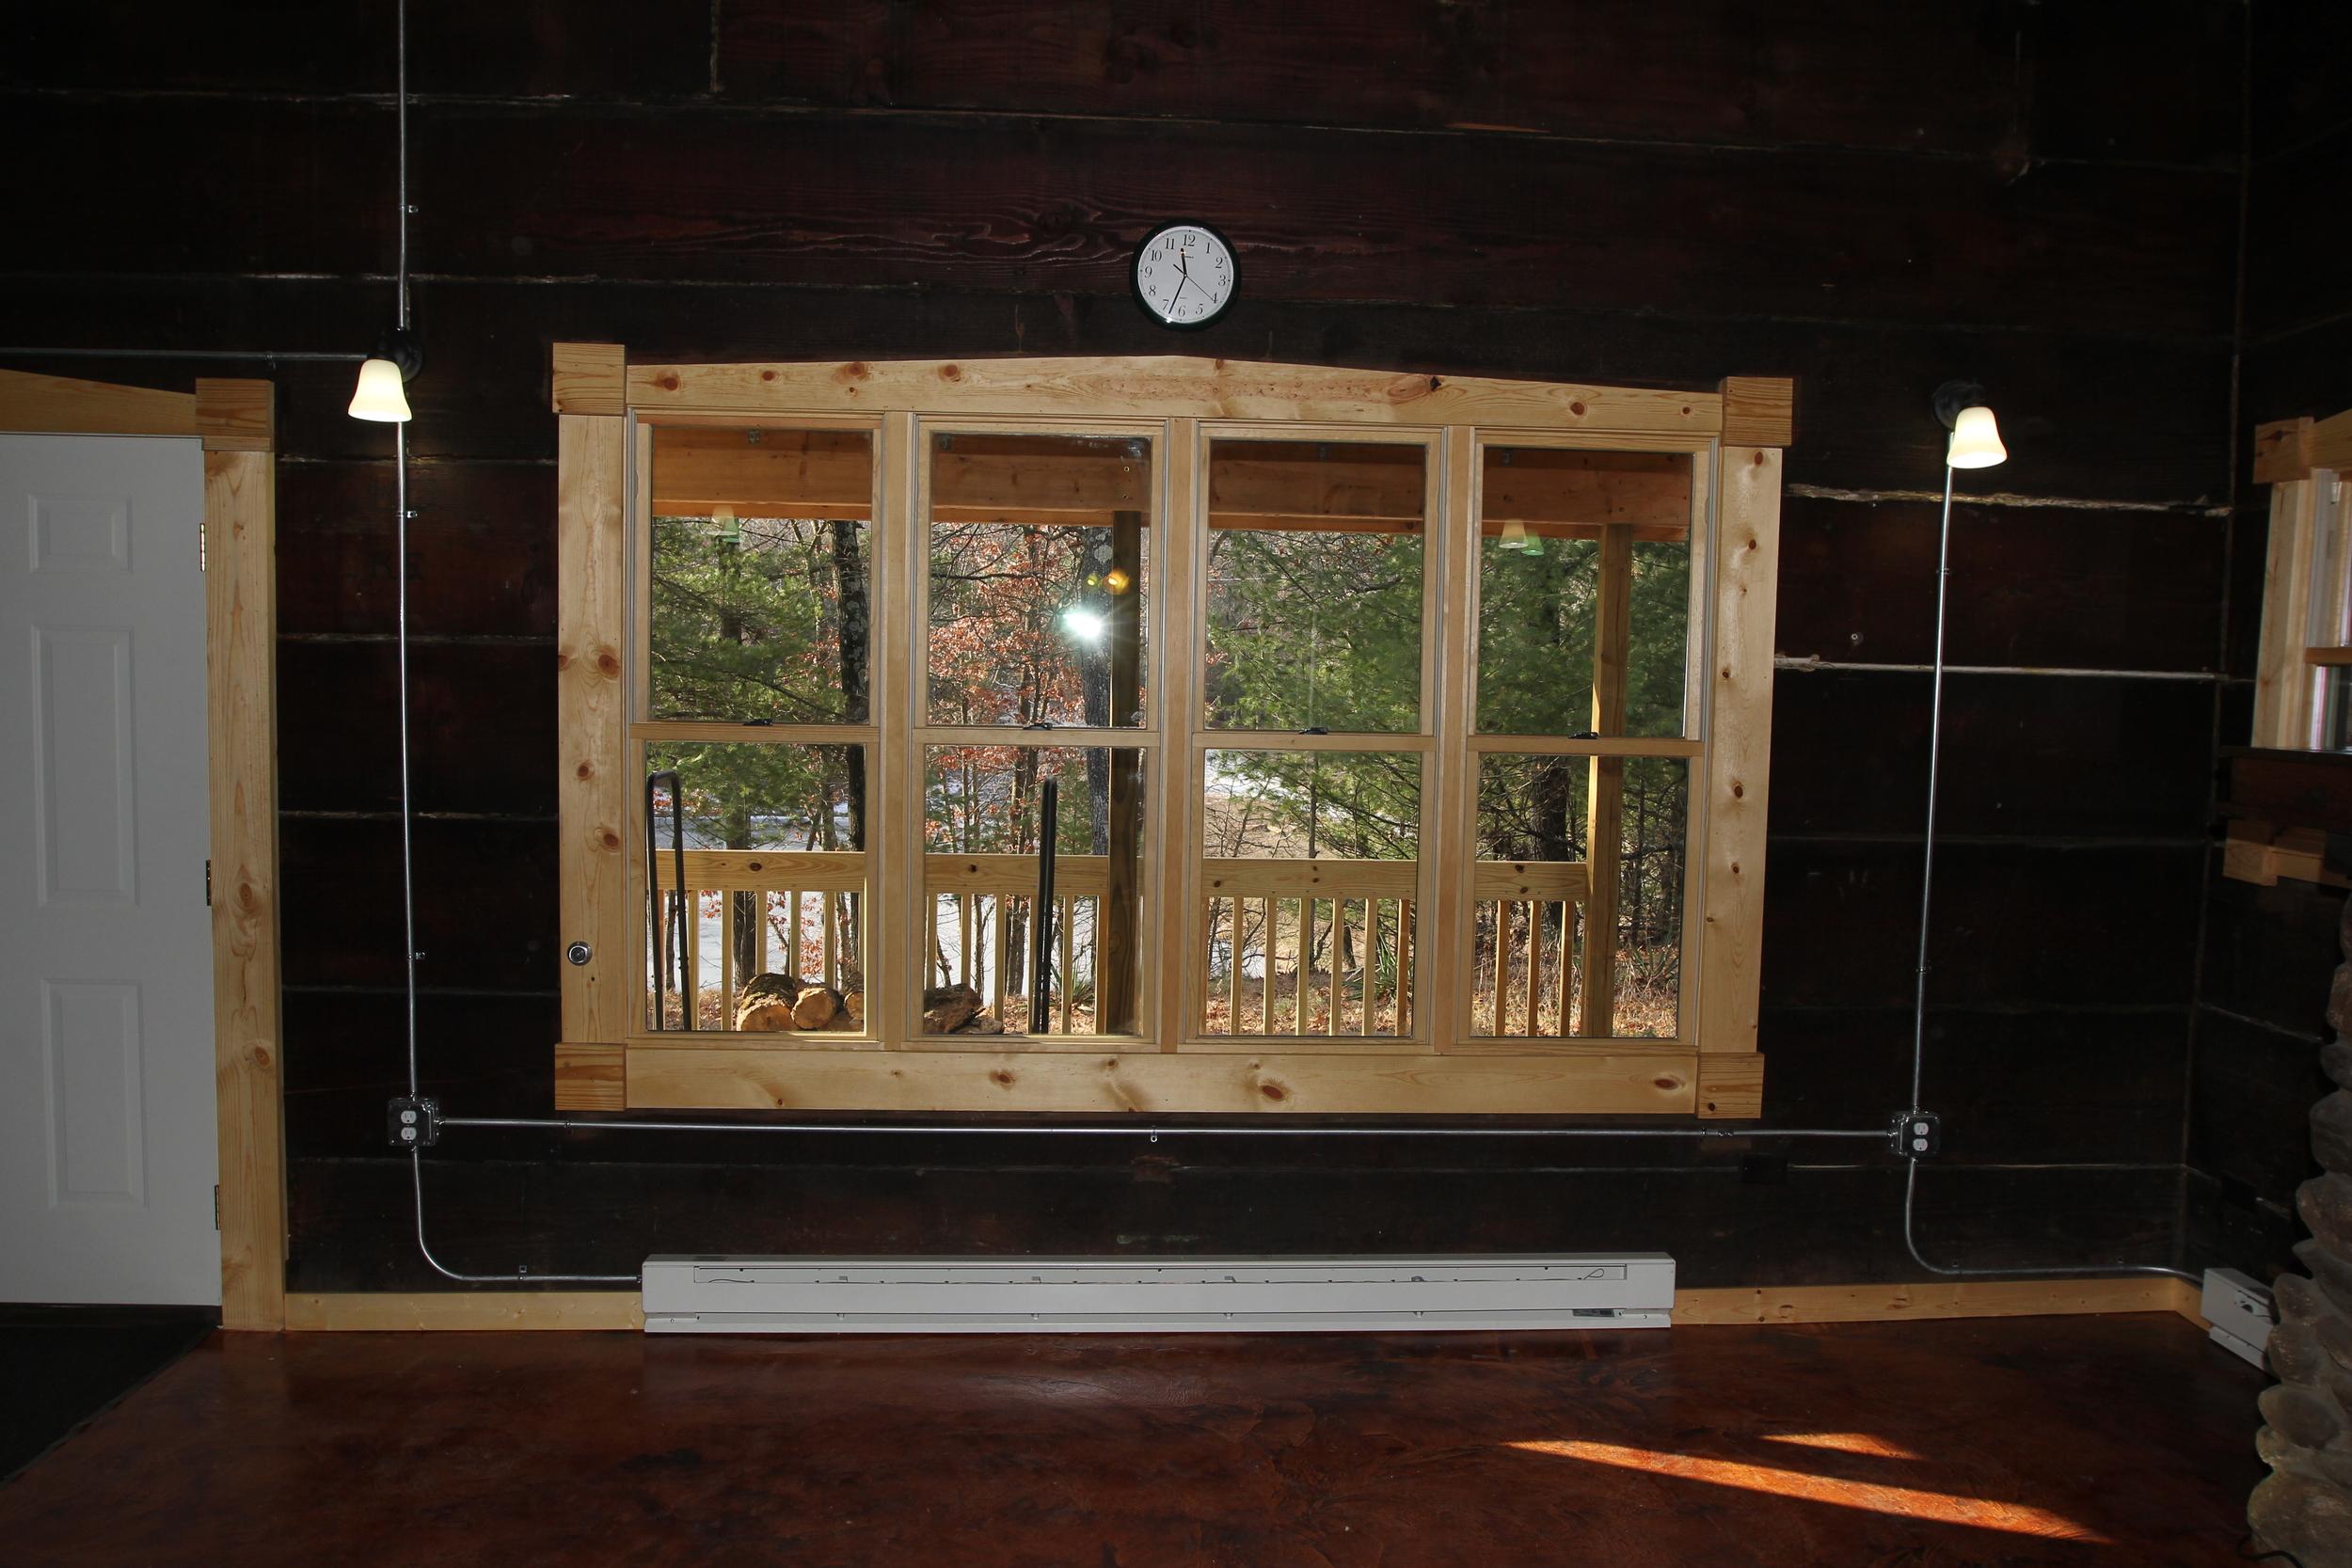 Guest Lodge Porch View